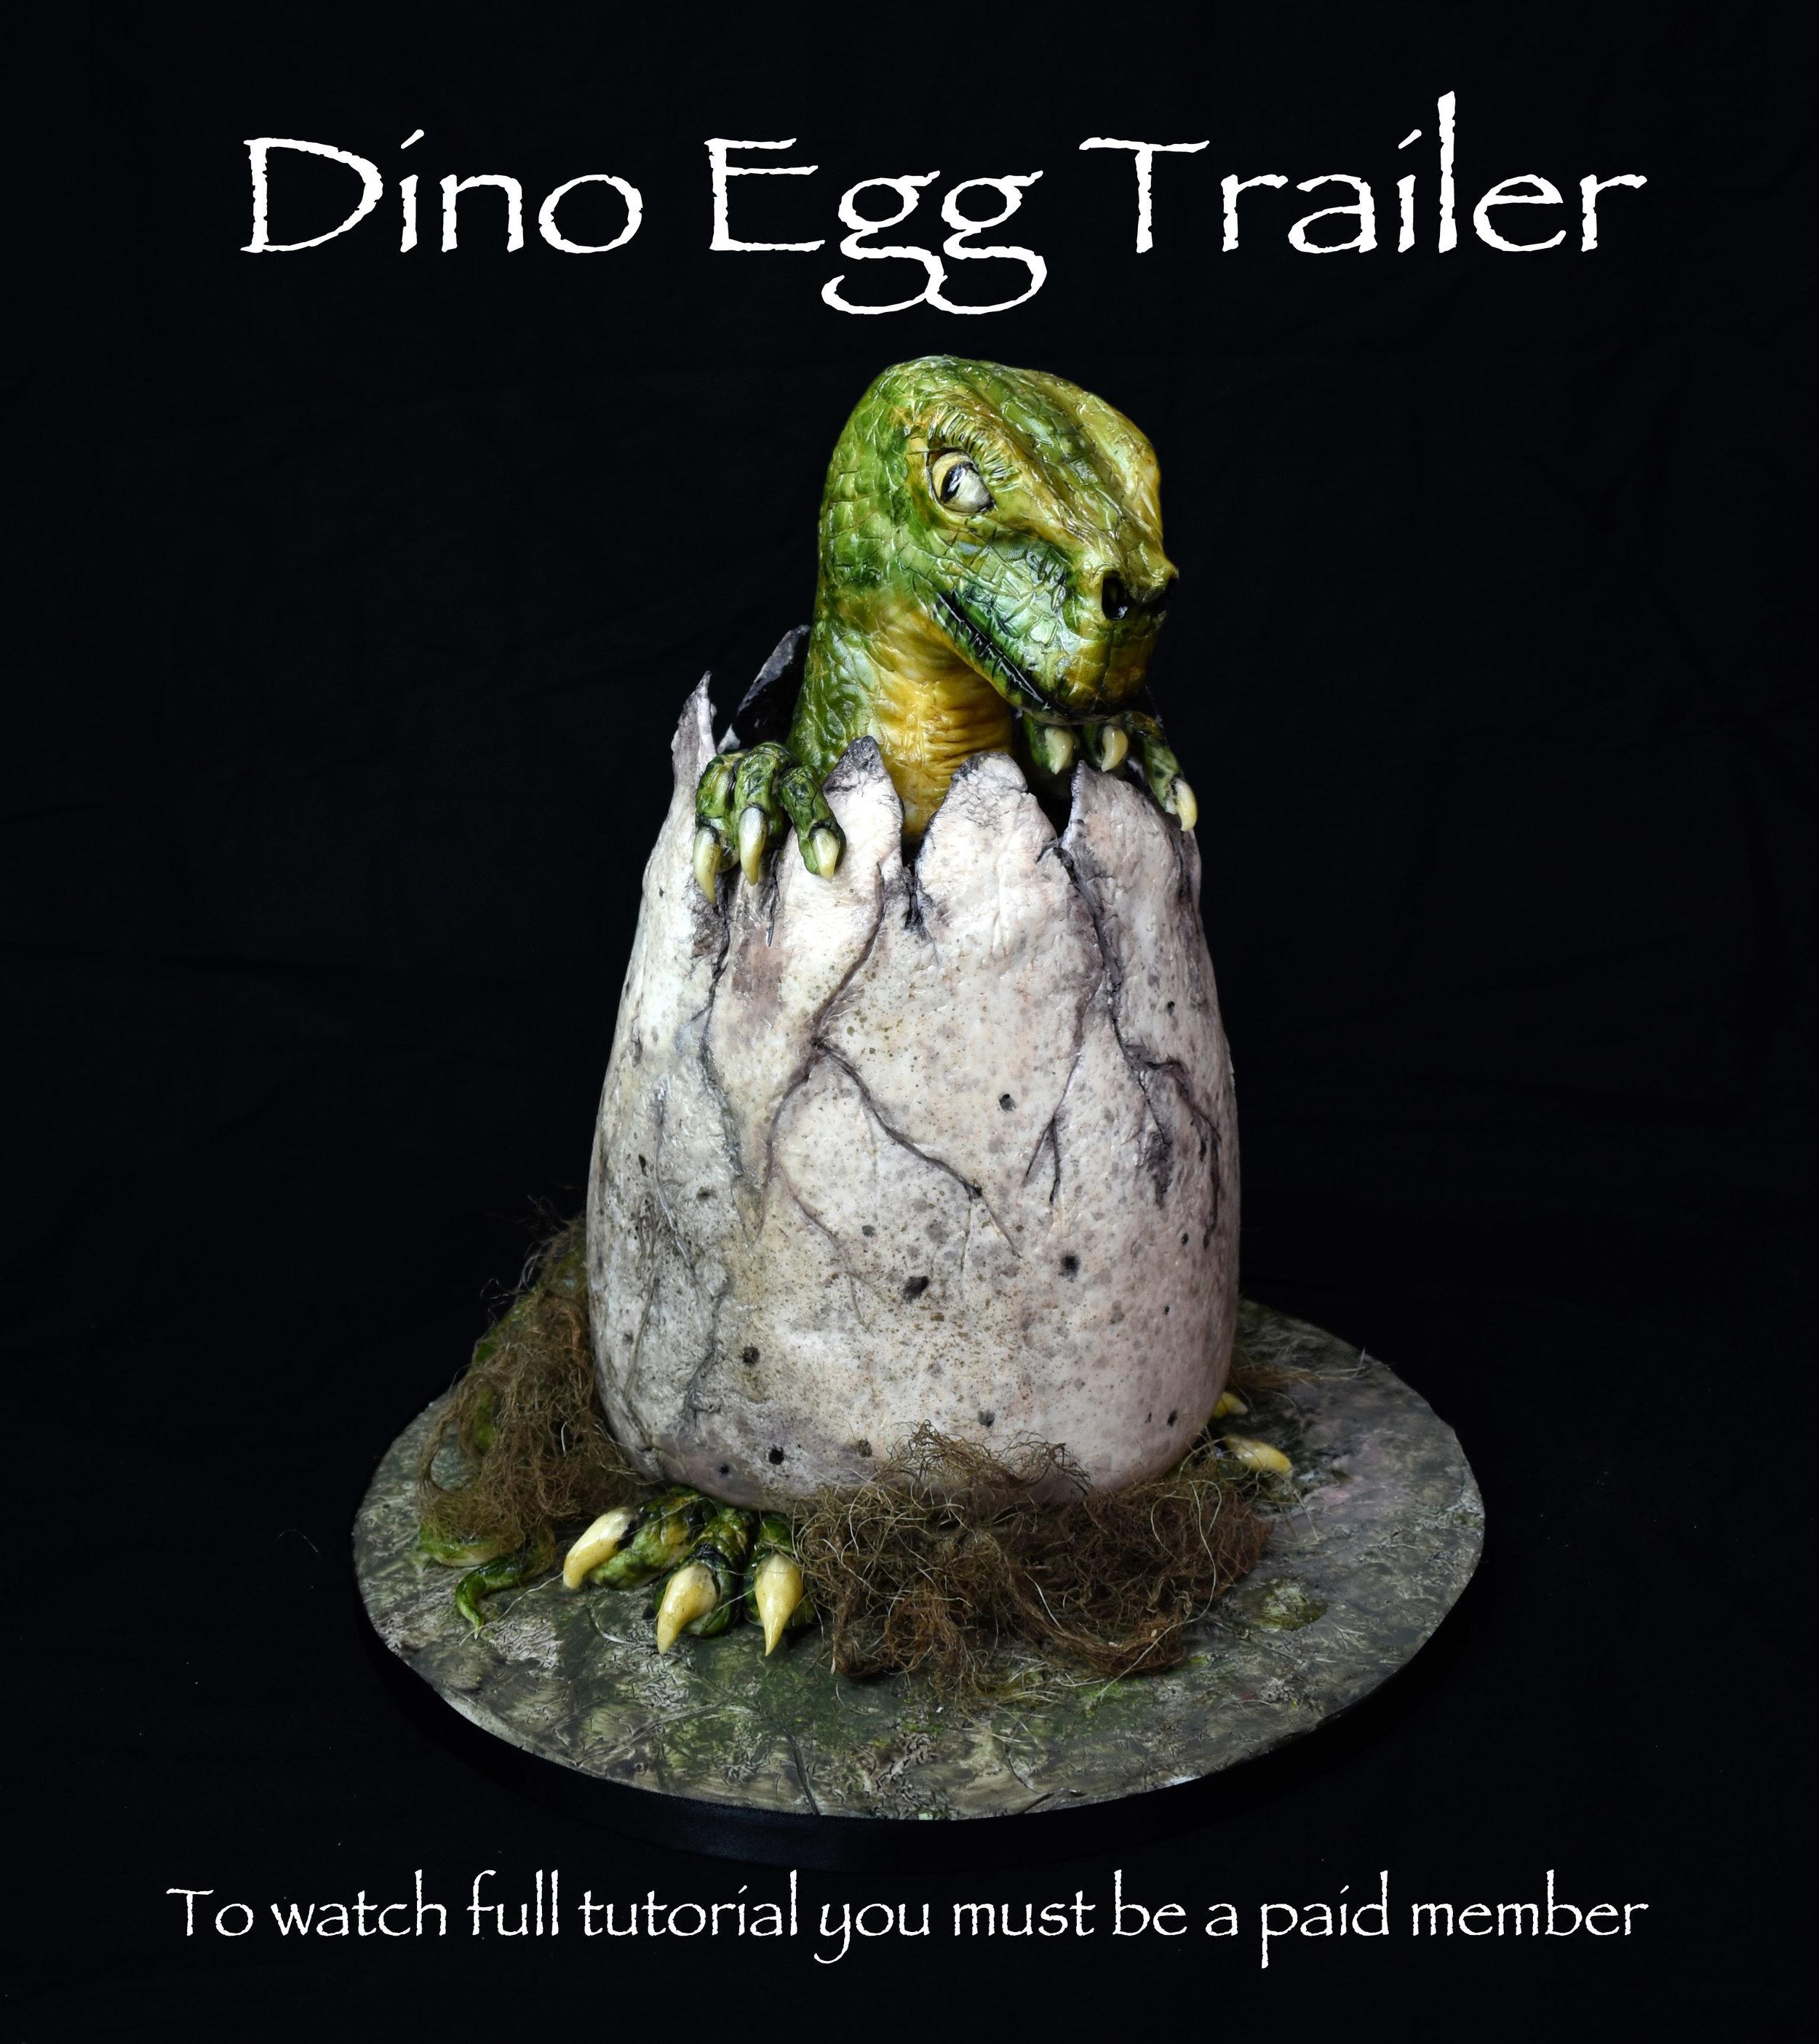 dino egg promo.jpg